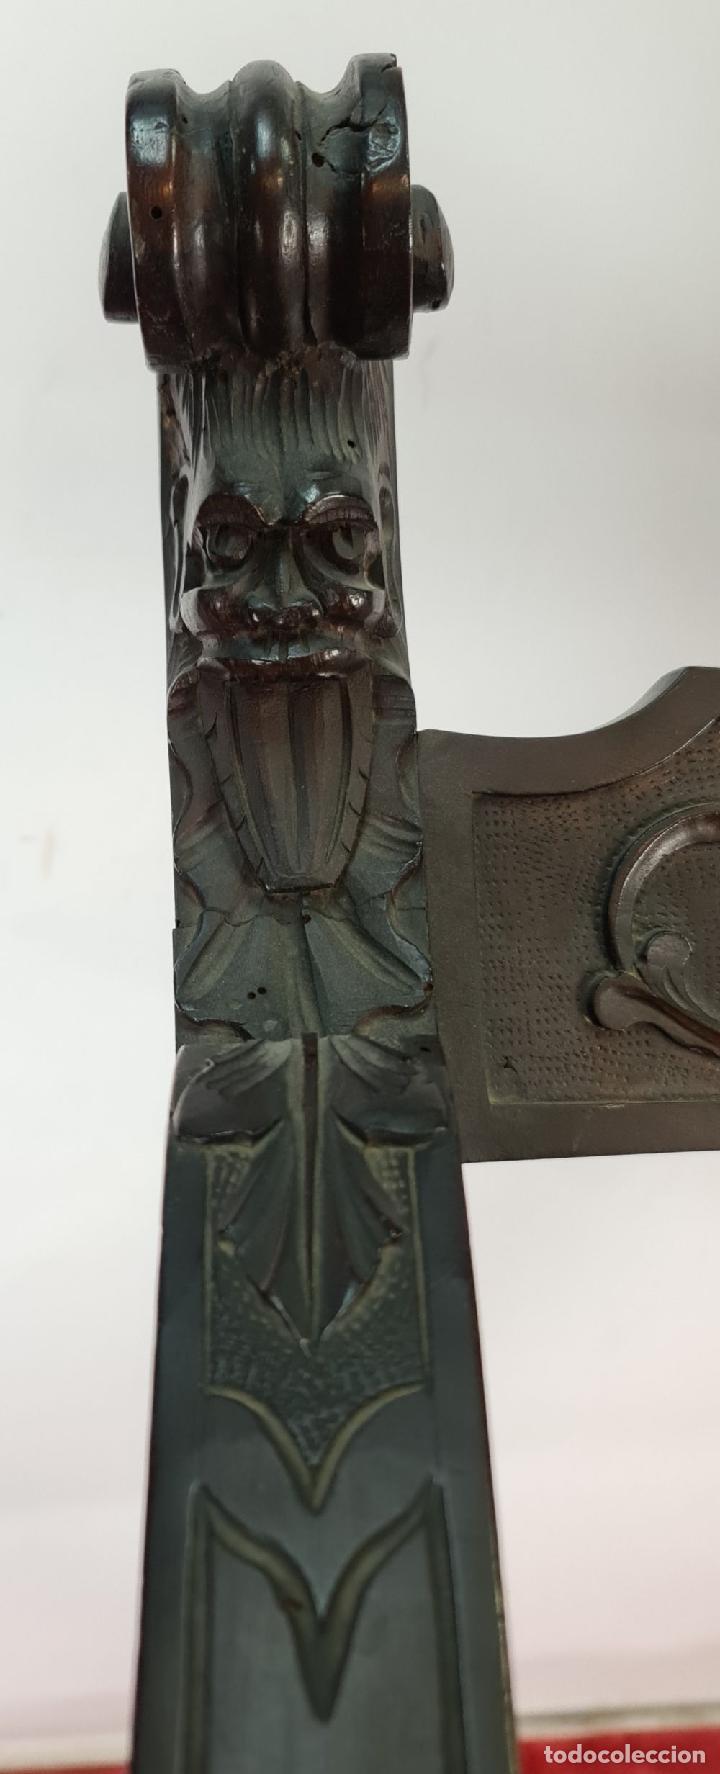 Antigüedades: PAREJA DE SILAS JAMUGA. MADERA DE NOGAL TALLADO. ESTILO BARROCO. SIGLO XIX. - Foto 5 - 253454590